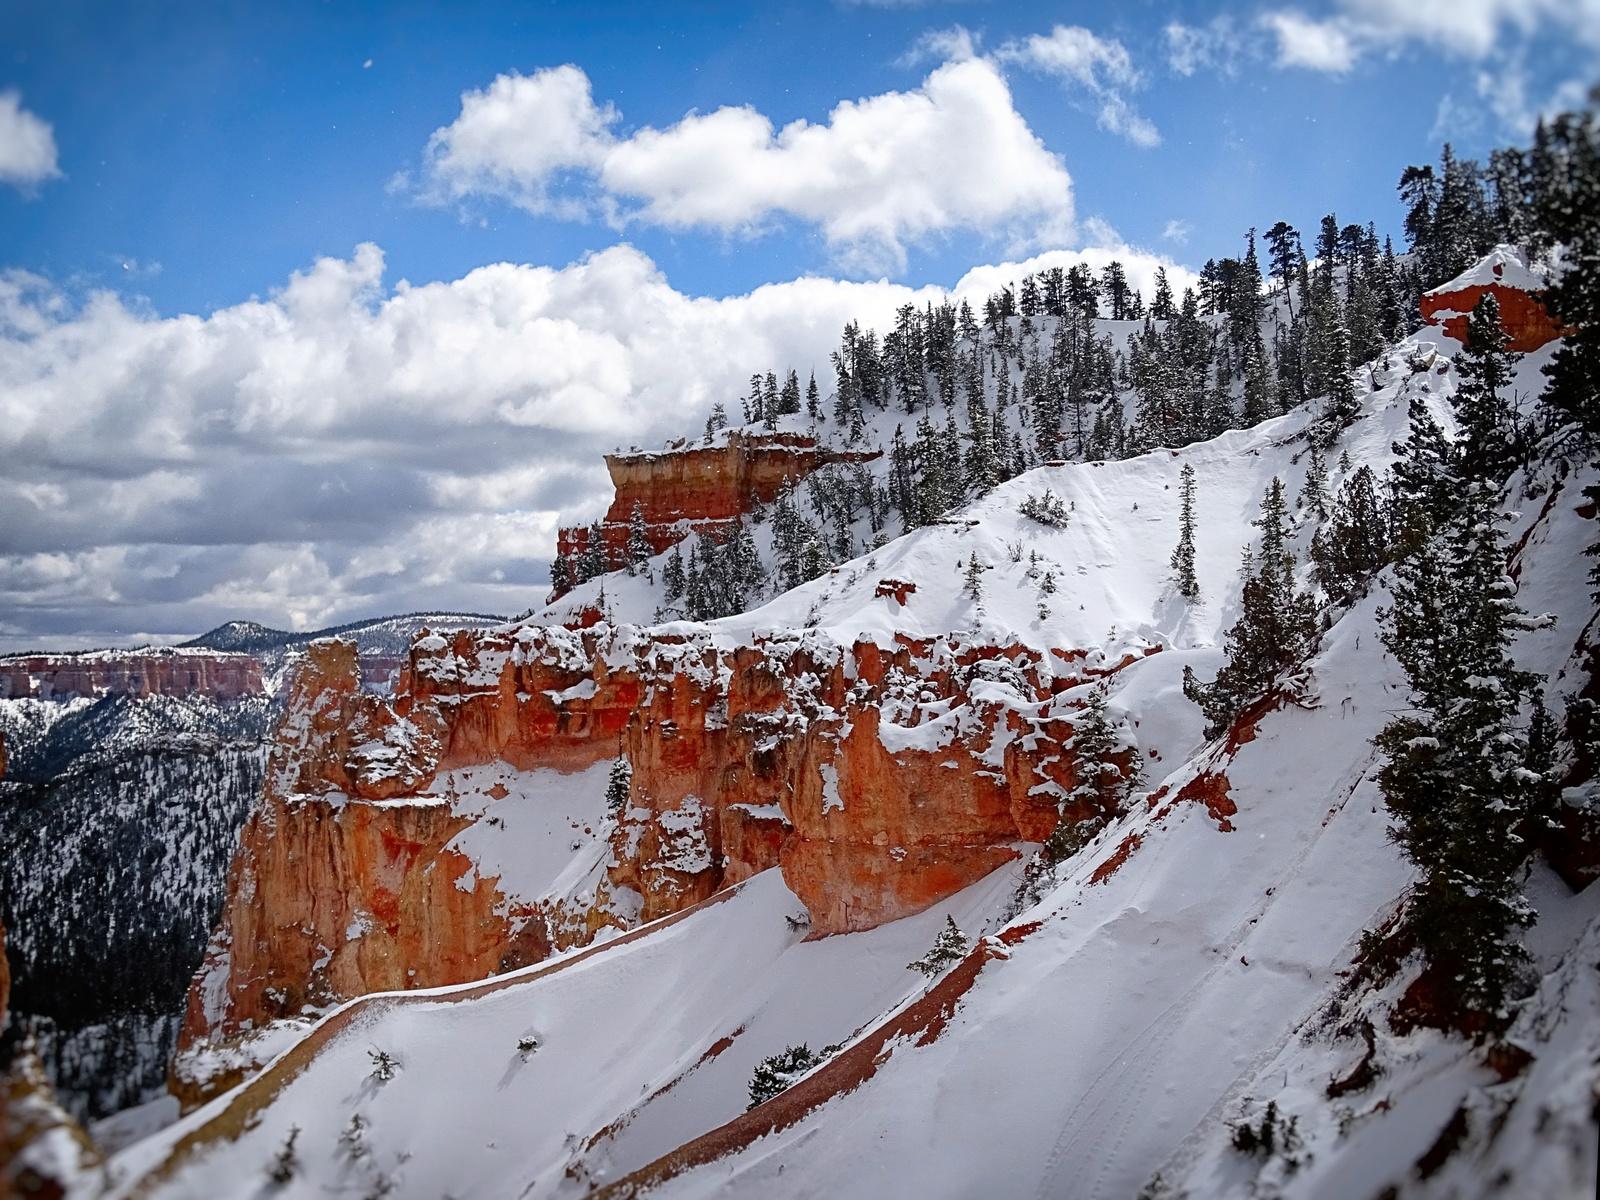 брайс каньон, юта, пейзаж, зима